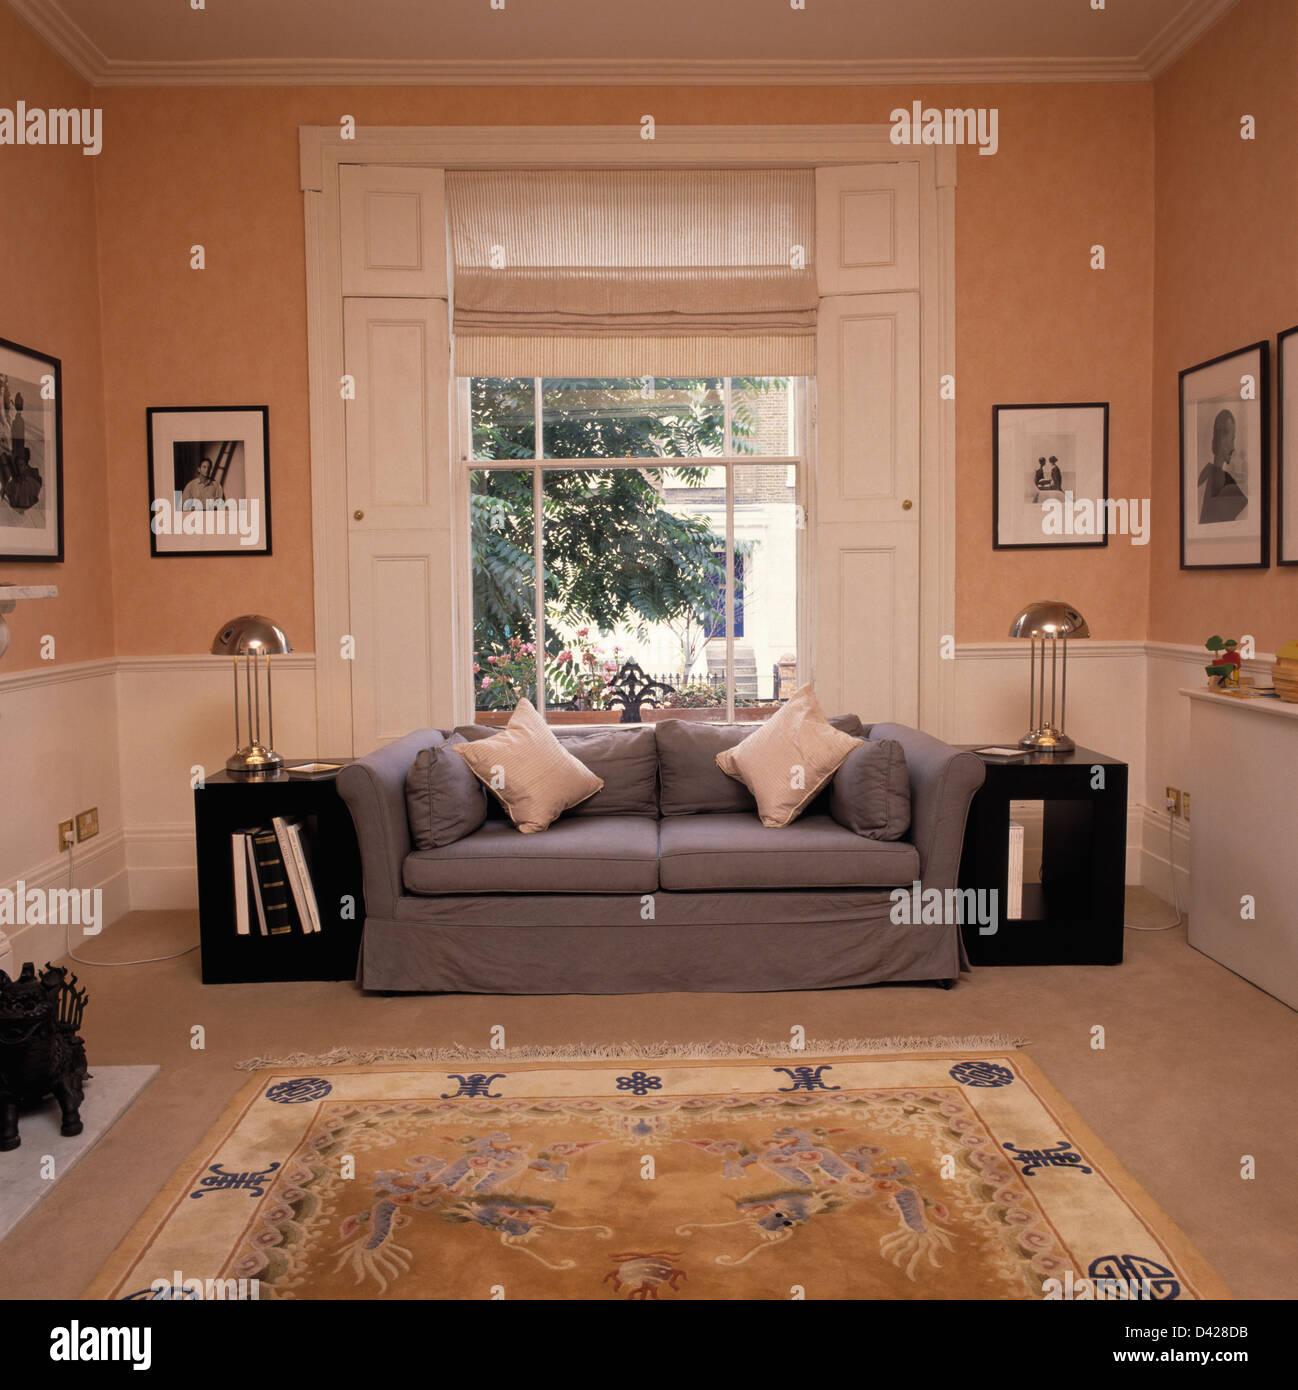 Creme Blind Auf Fenster Oben Grau Sofa In Pfirsich Wohnzimmer Mit Dado  Täfelung Und Schwarzen Tischen Mit Chrom Lampen